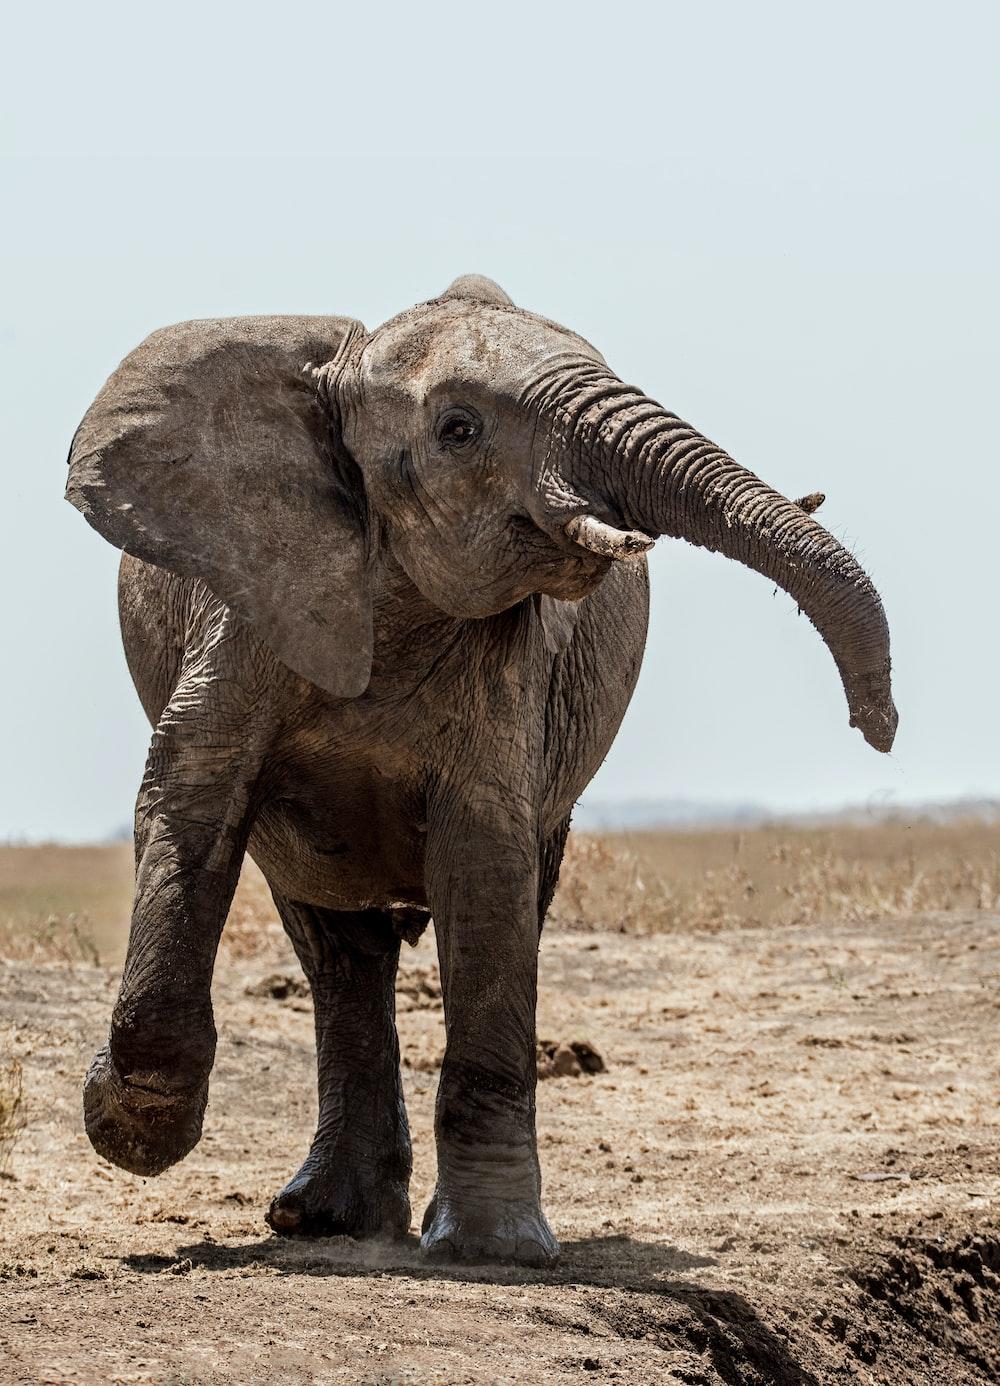 elephant walking on soil